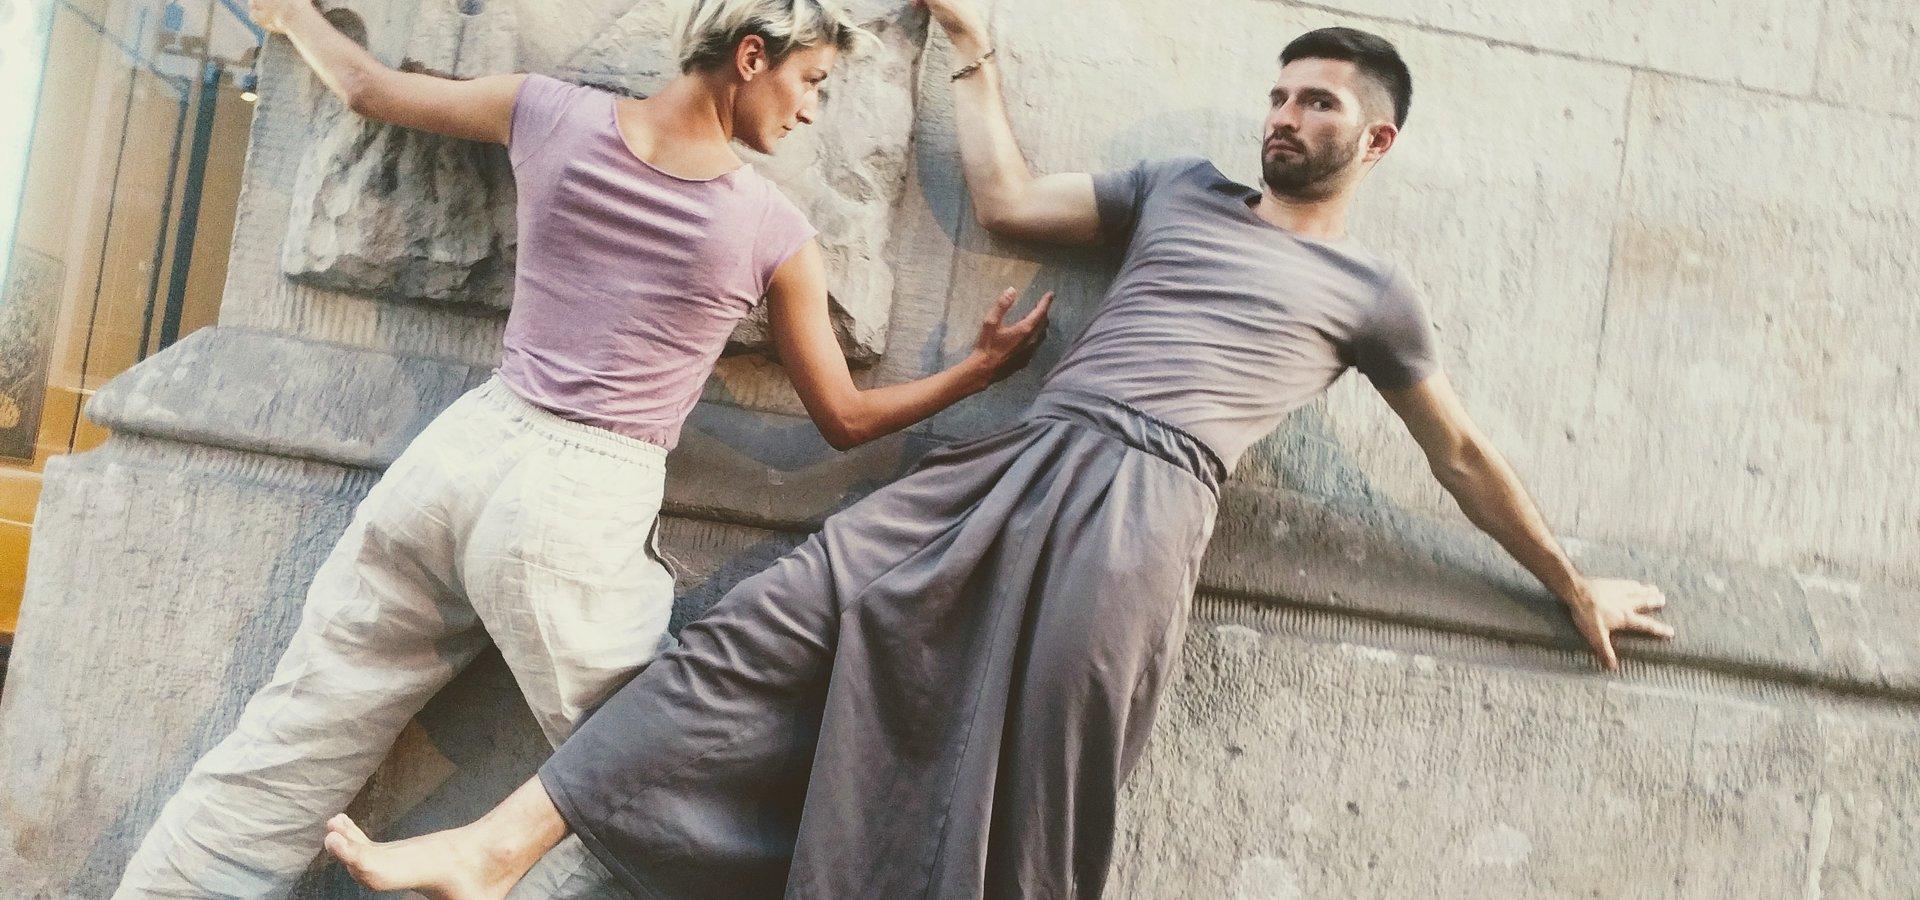 Tańcz i doświadczaj